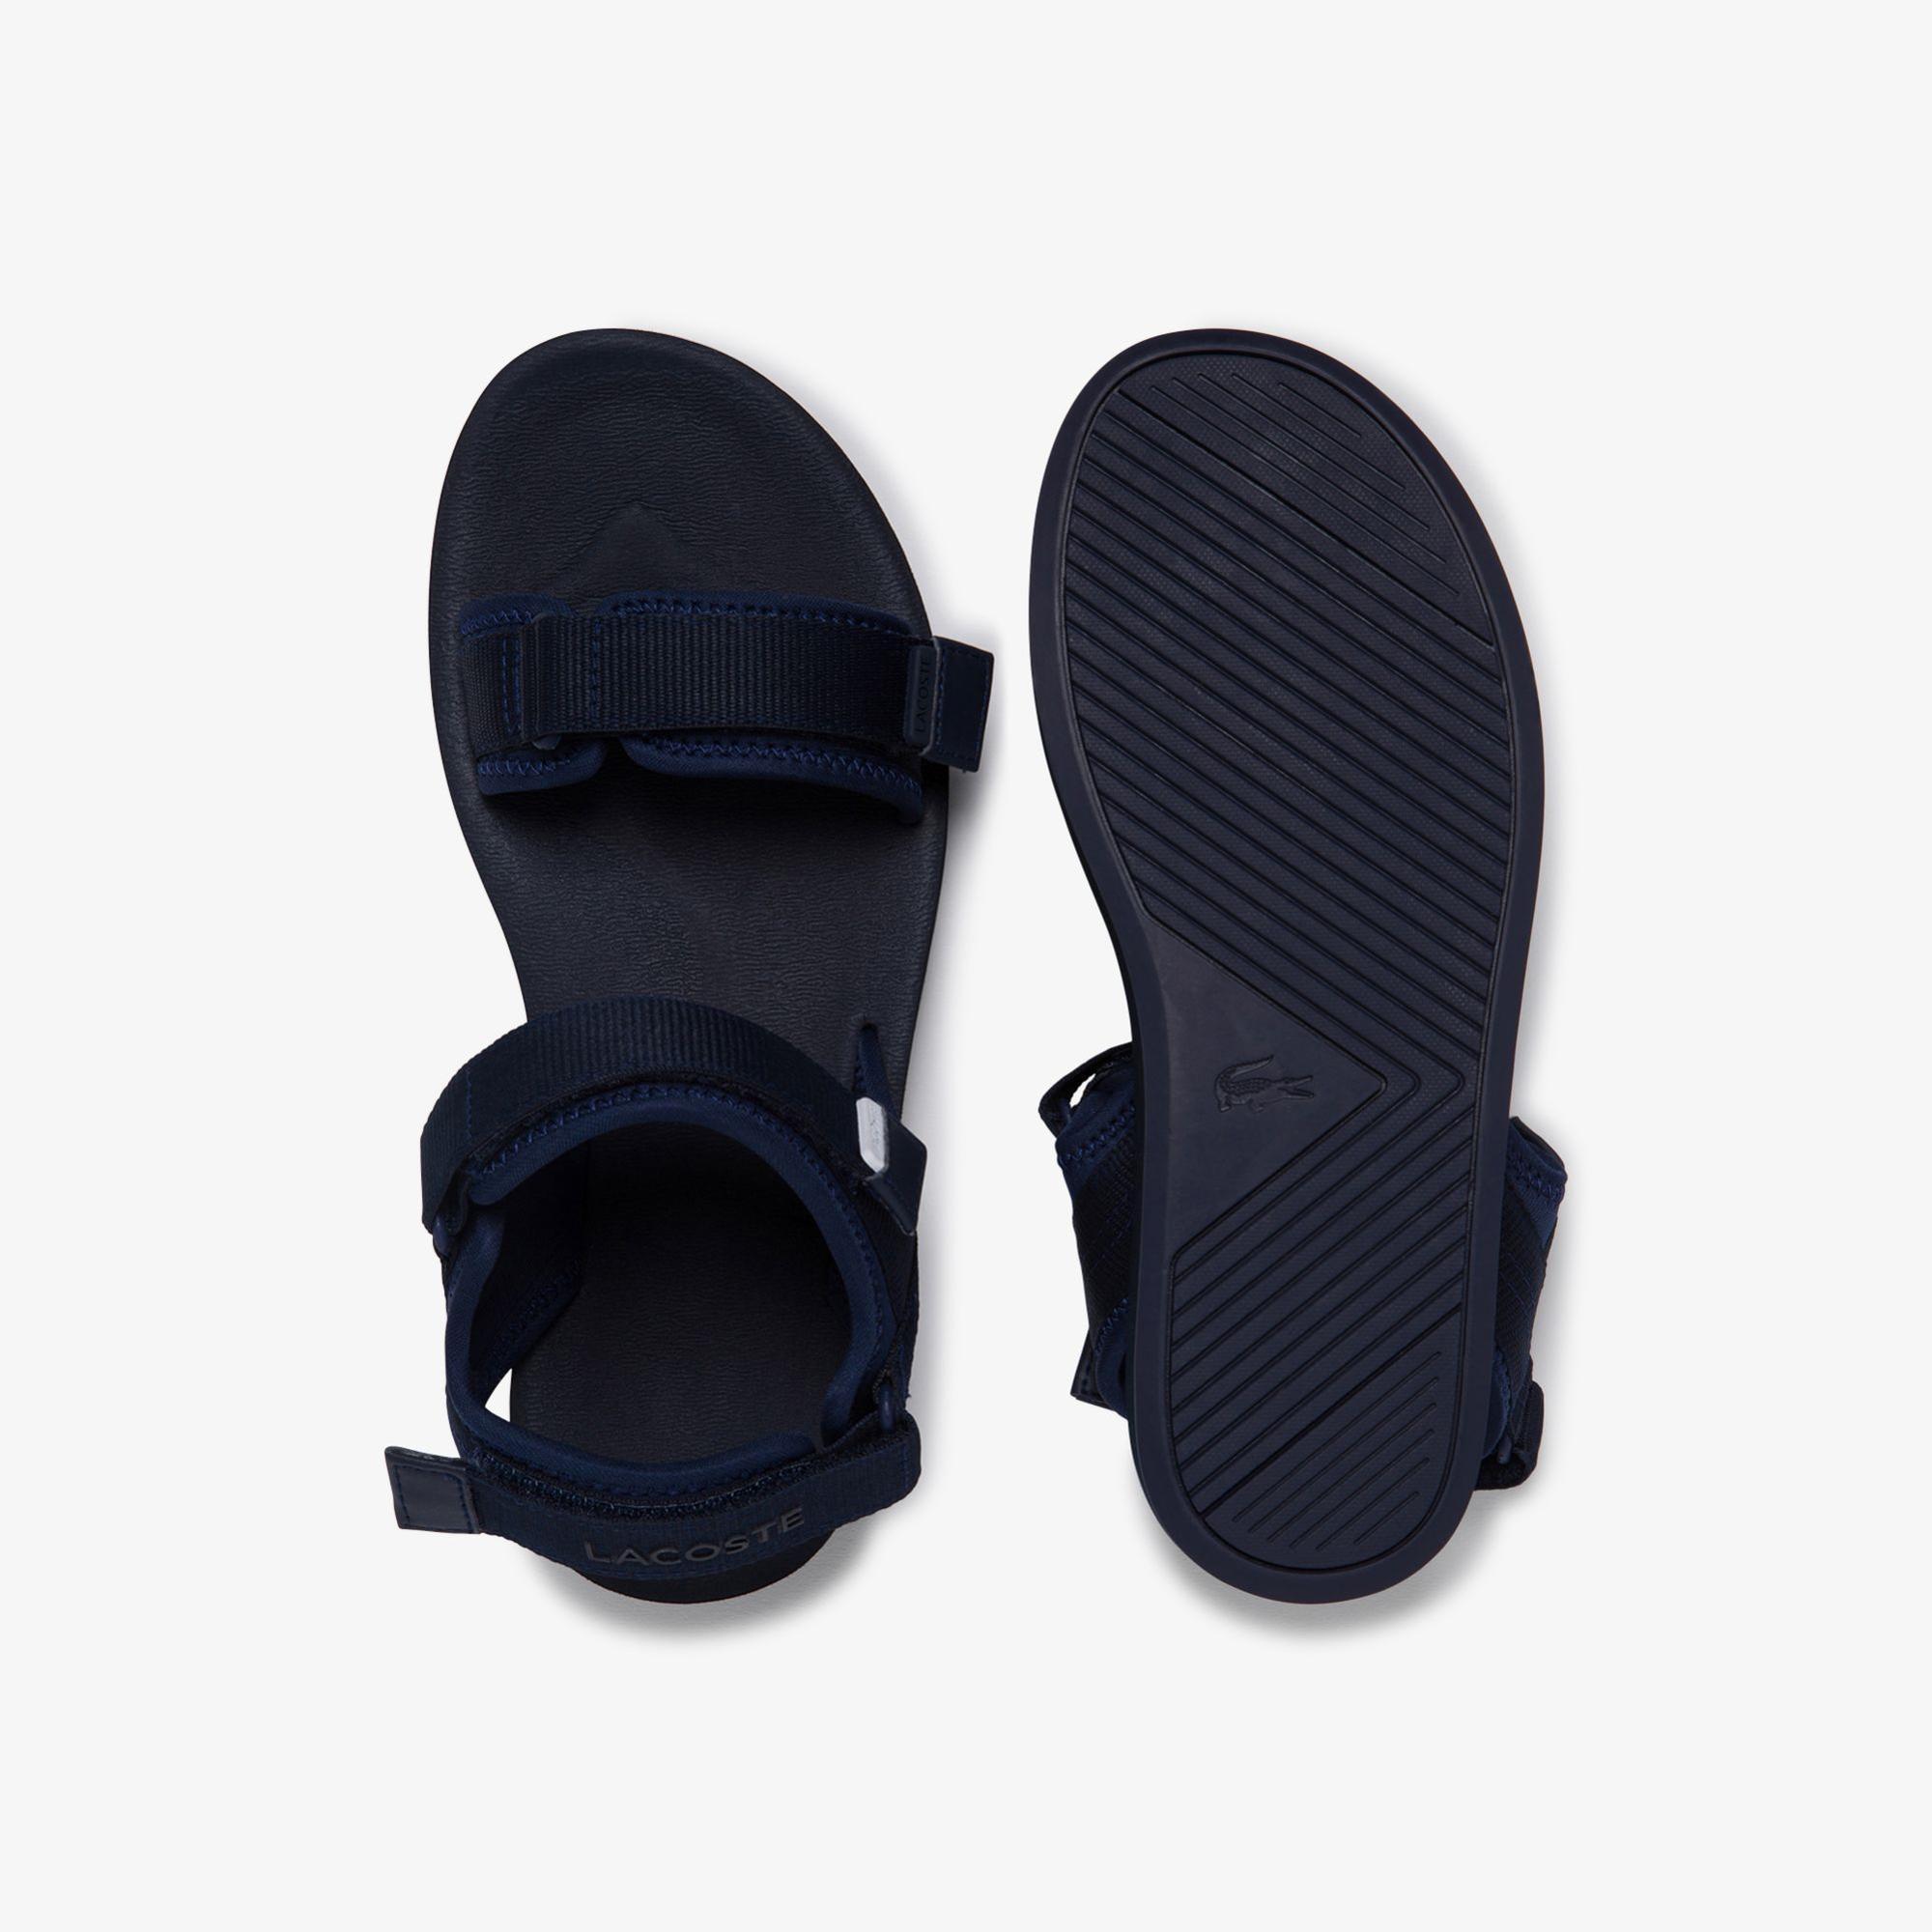 Lacoste Men's Suruga Textile Sandals